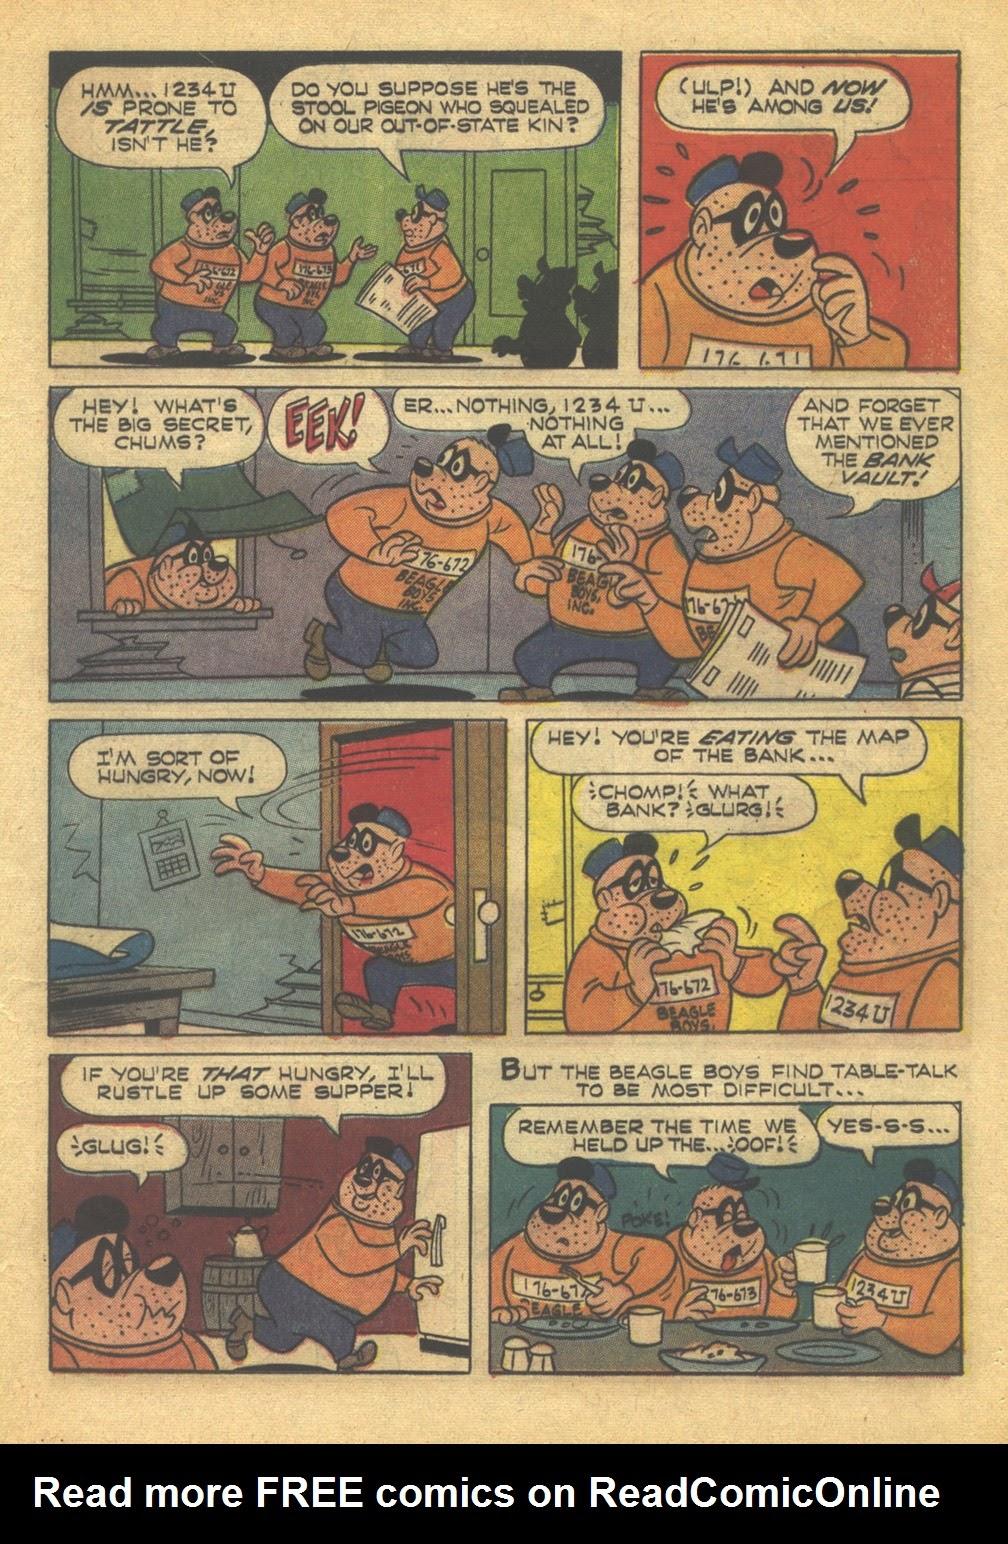 Walt Disney THE BEAGLE BOYS issue 7 - Page 21